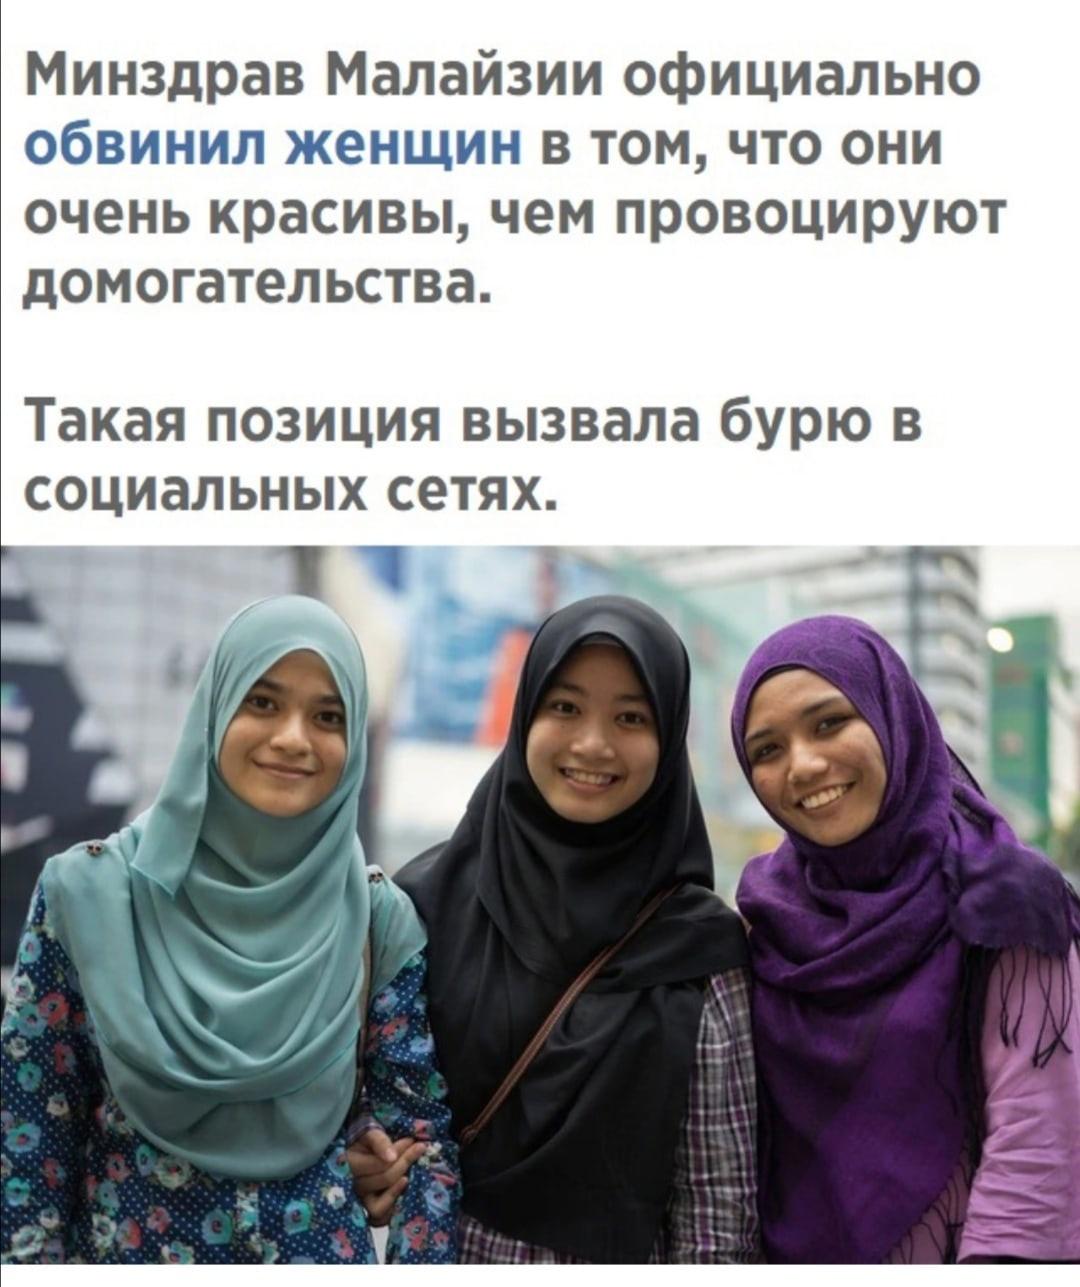 Приколы про девушек и отношения (15 фото)